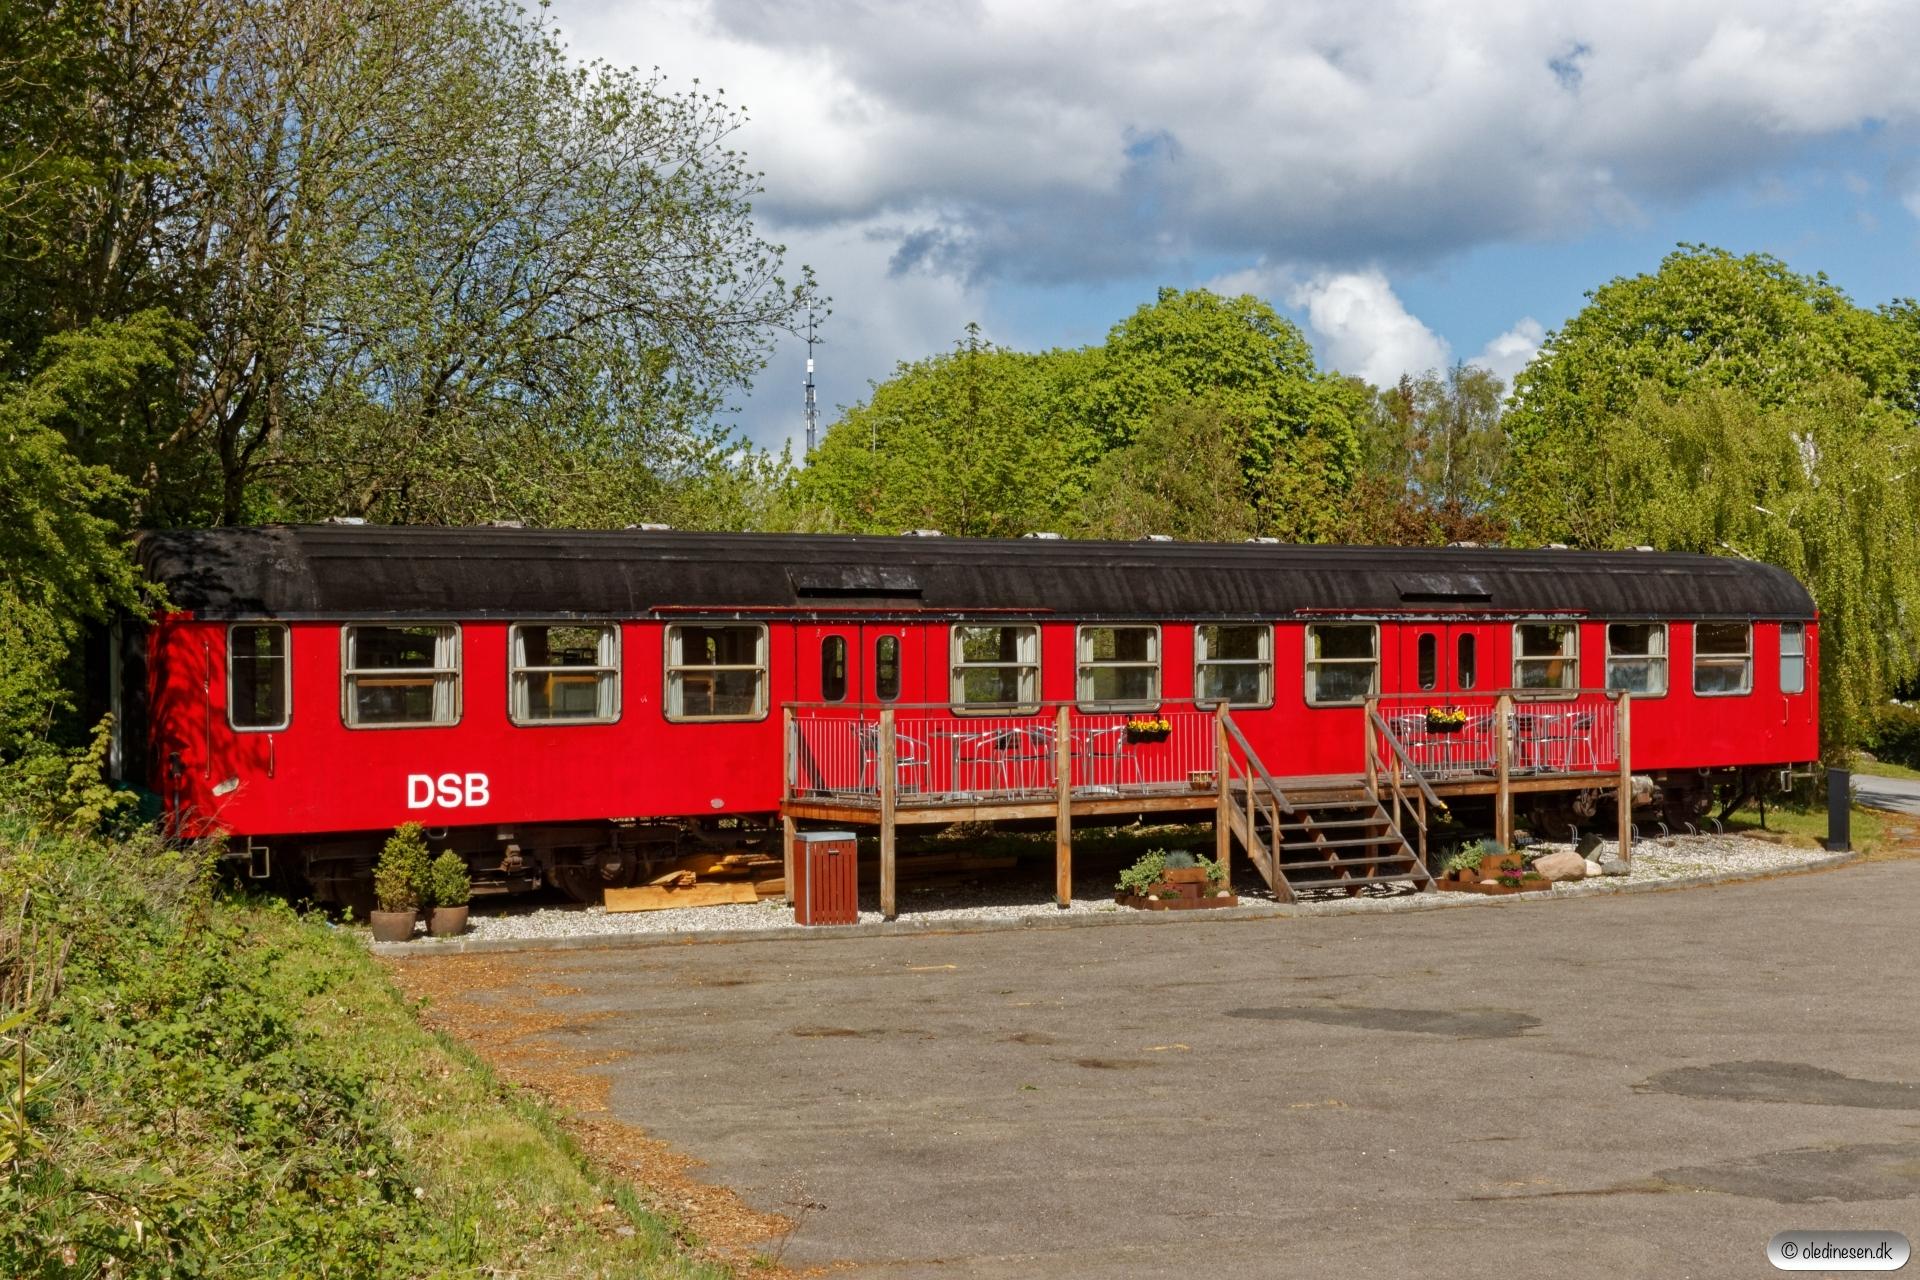 DSB Bn 50 86 20-84 735-2. Gjerrild Vandrehjem 03.05.2019.